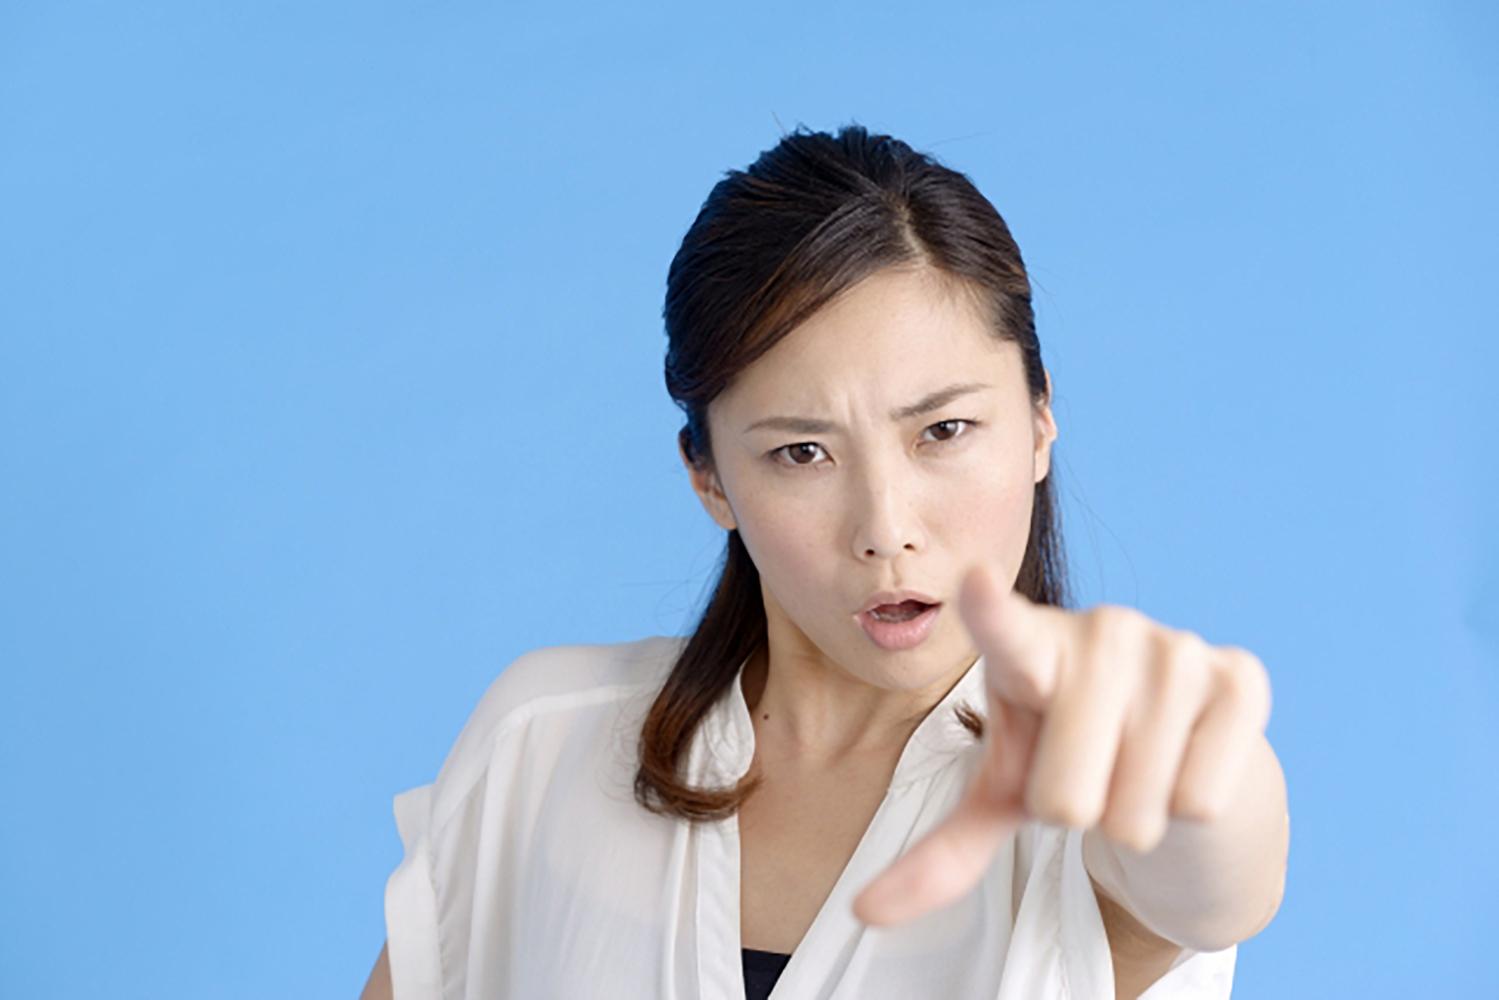 「理詰め」の意味と使い方を解説!類語や英語表現も詳しくチェック!